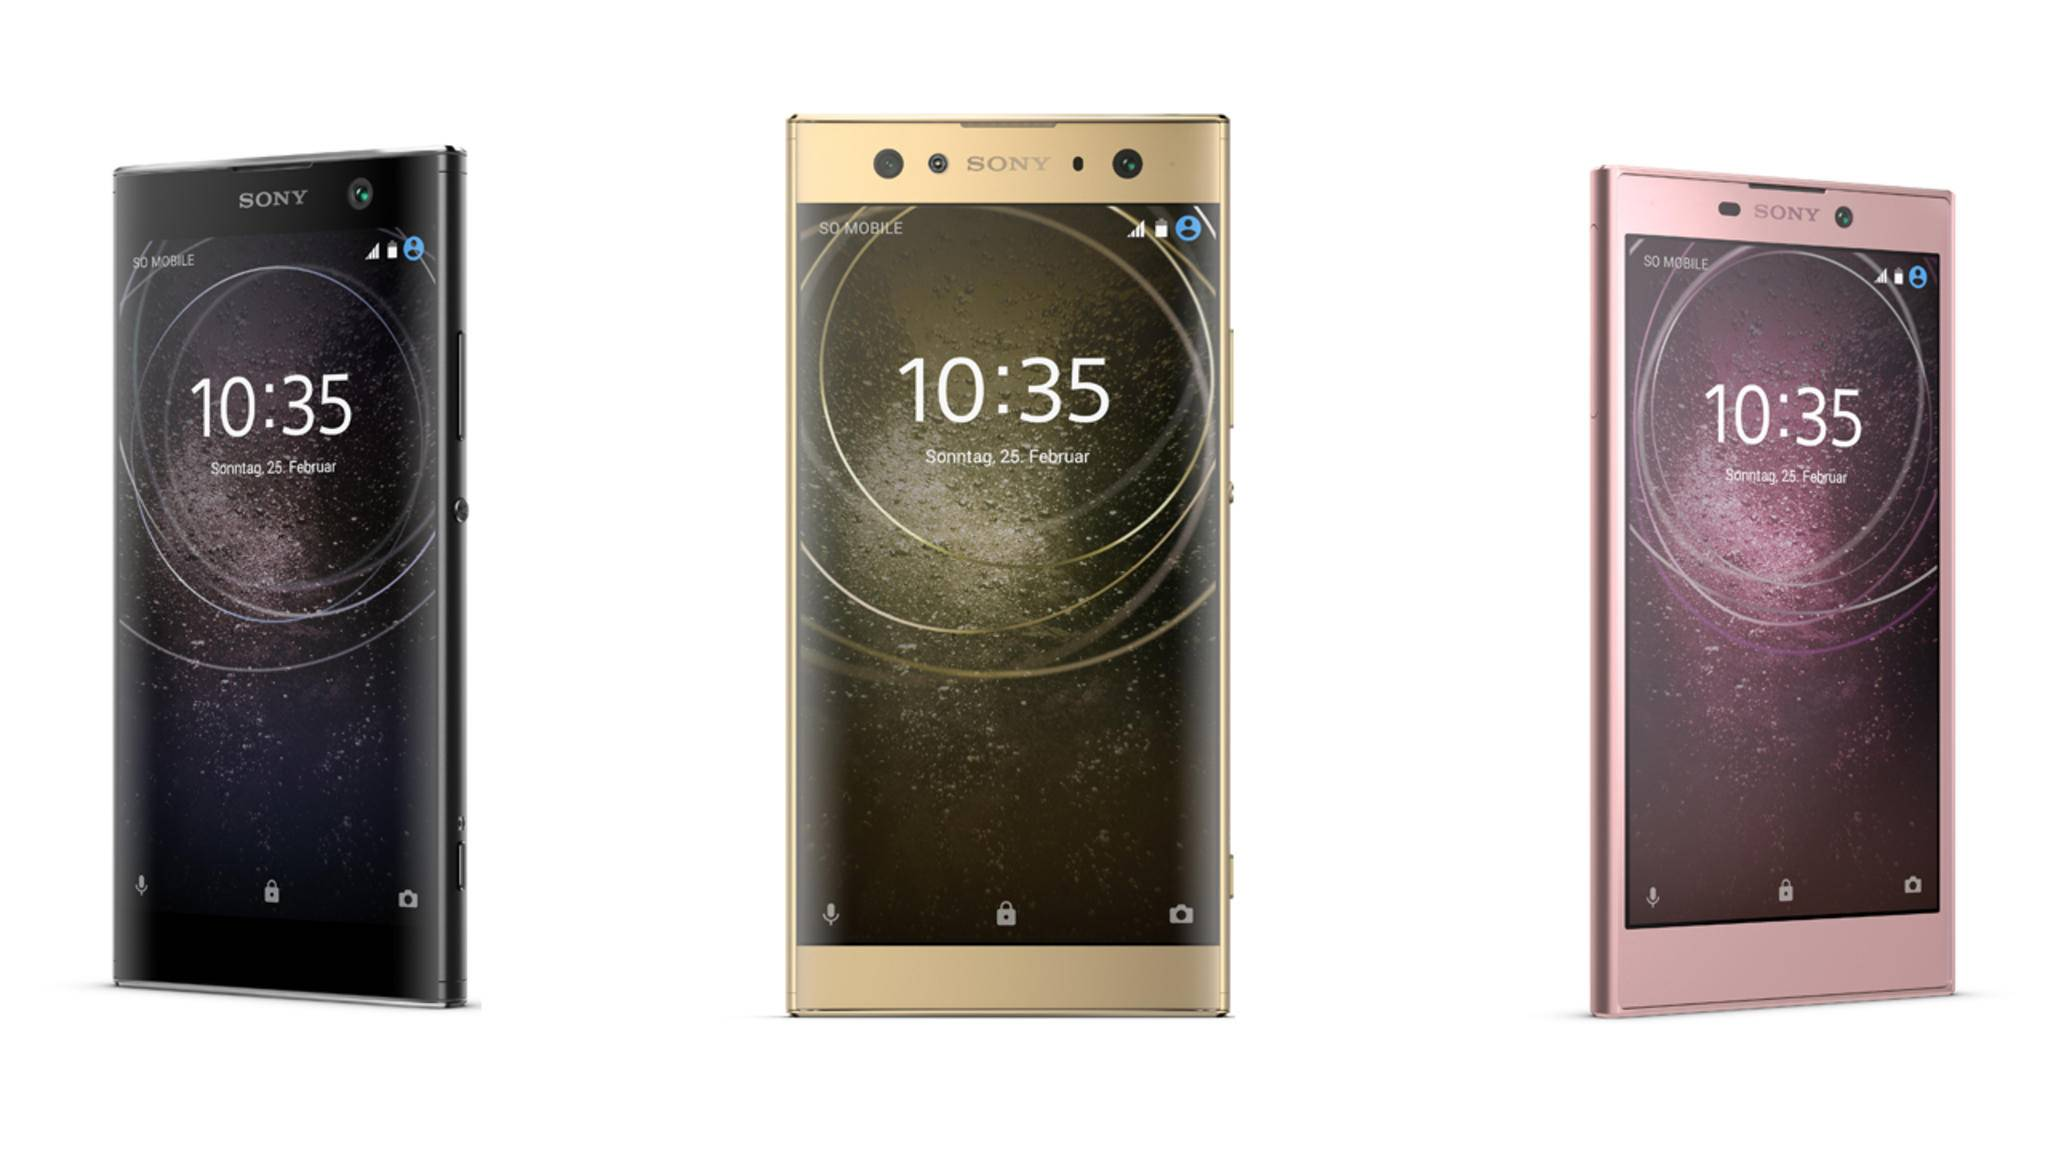 Gut für das Tippen mit zwei Händen: Sony bringt mit dem XA2 Ultra ein neues, 6 Zoll großes Smartphone im 16:9-Format auf den Markt.